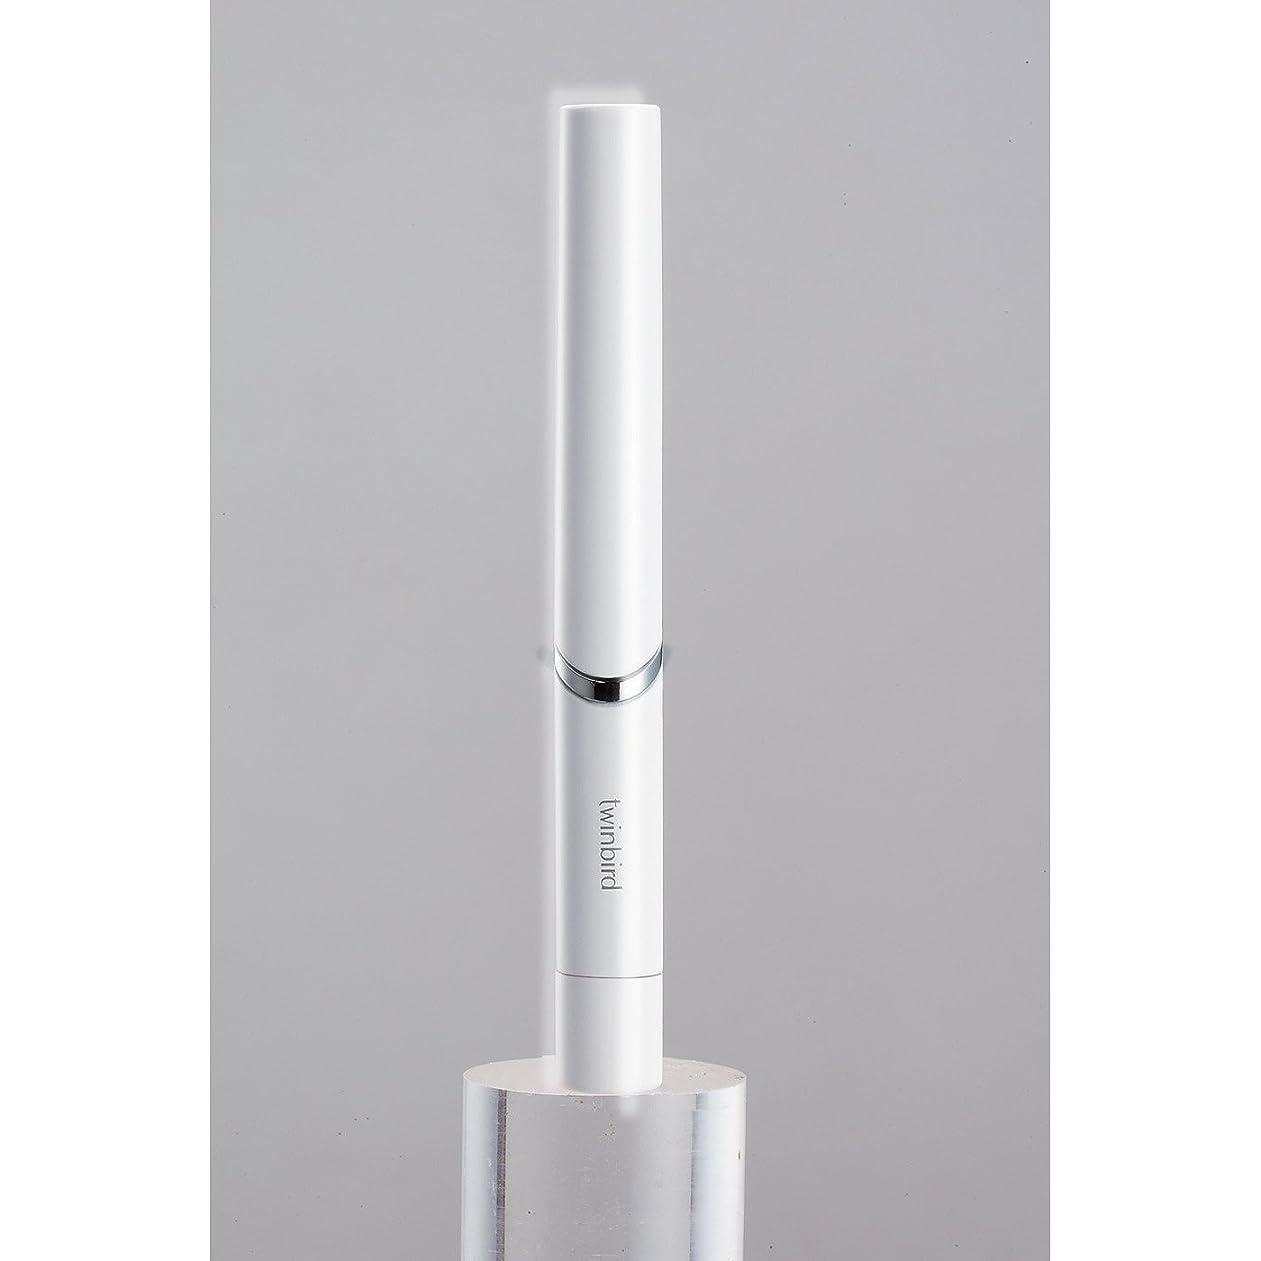 十ケーブルプライバシーツインバード 音波振動式歯ブラシ BD-2741 ホワイト?BD-2741W